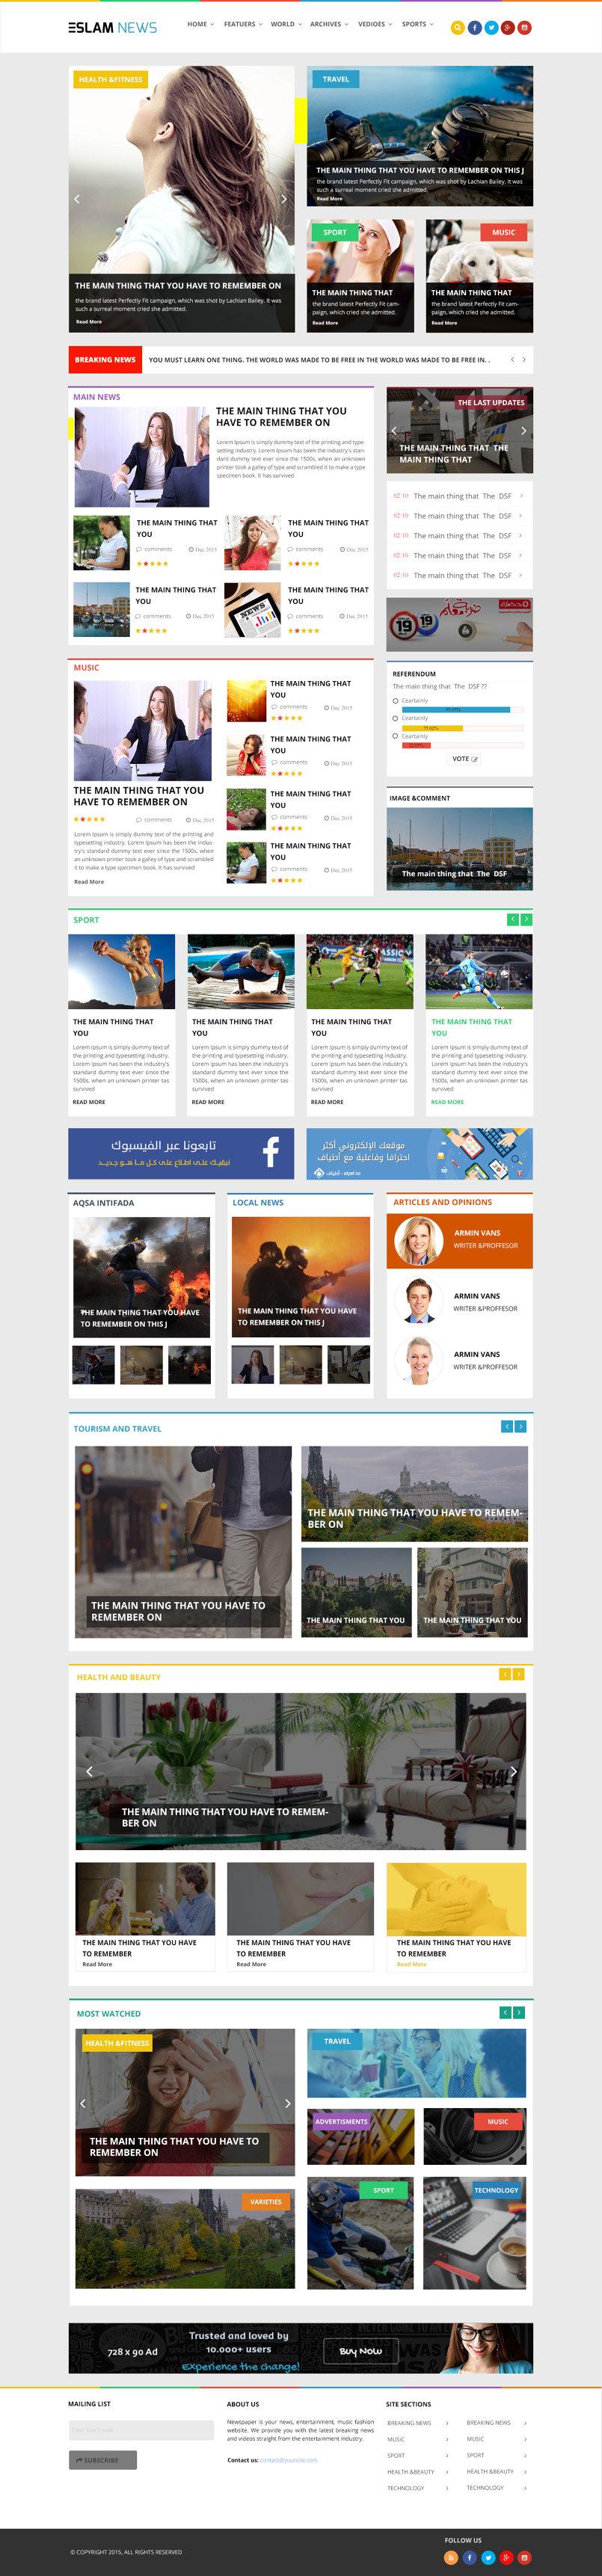 تصميم لموقع اخباري افتراضي باللغة الانجليزية